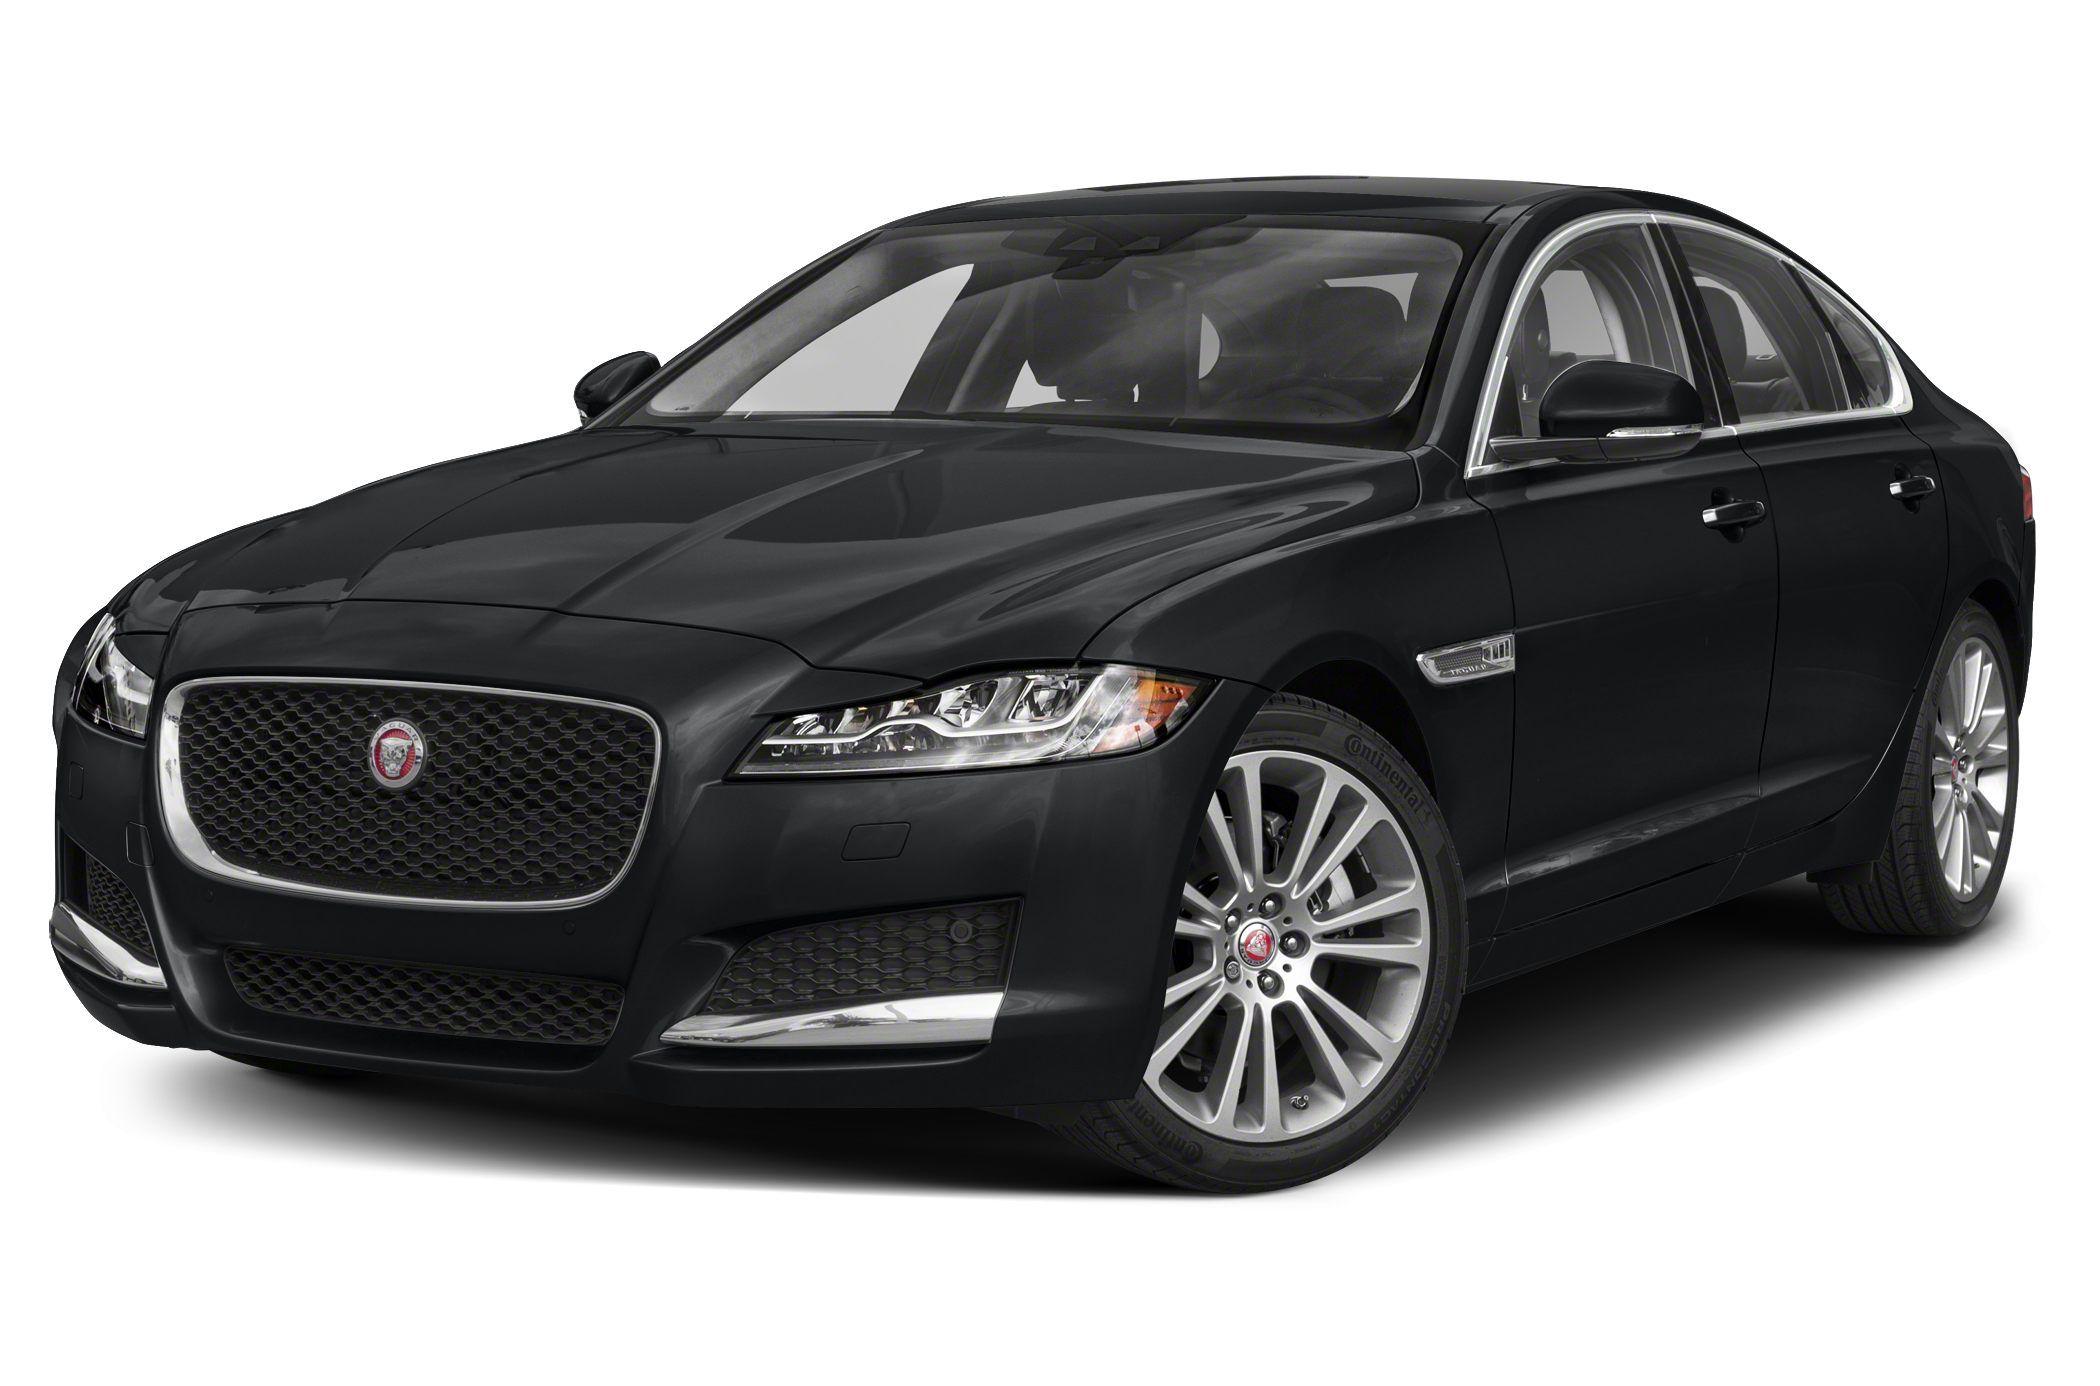 Jaguar Xf New Model 2020 Price Check More At Http Car Newmodels Net Jaguar Xf New Model 2020 Di 2020 Dengan Gambar